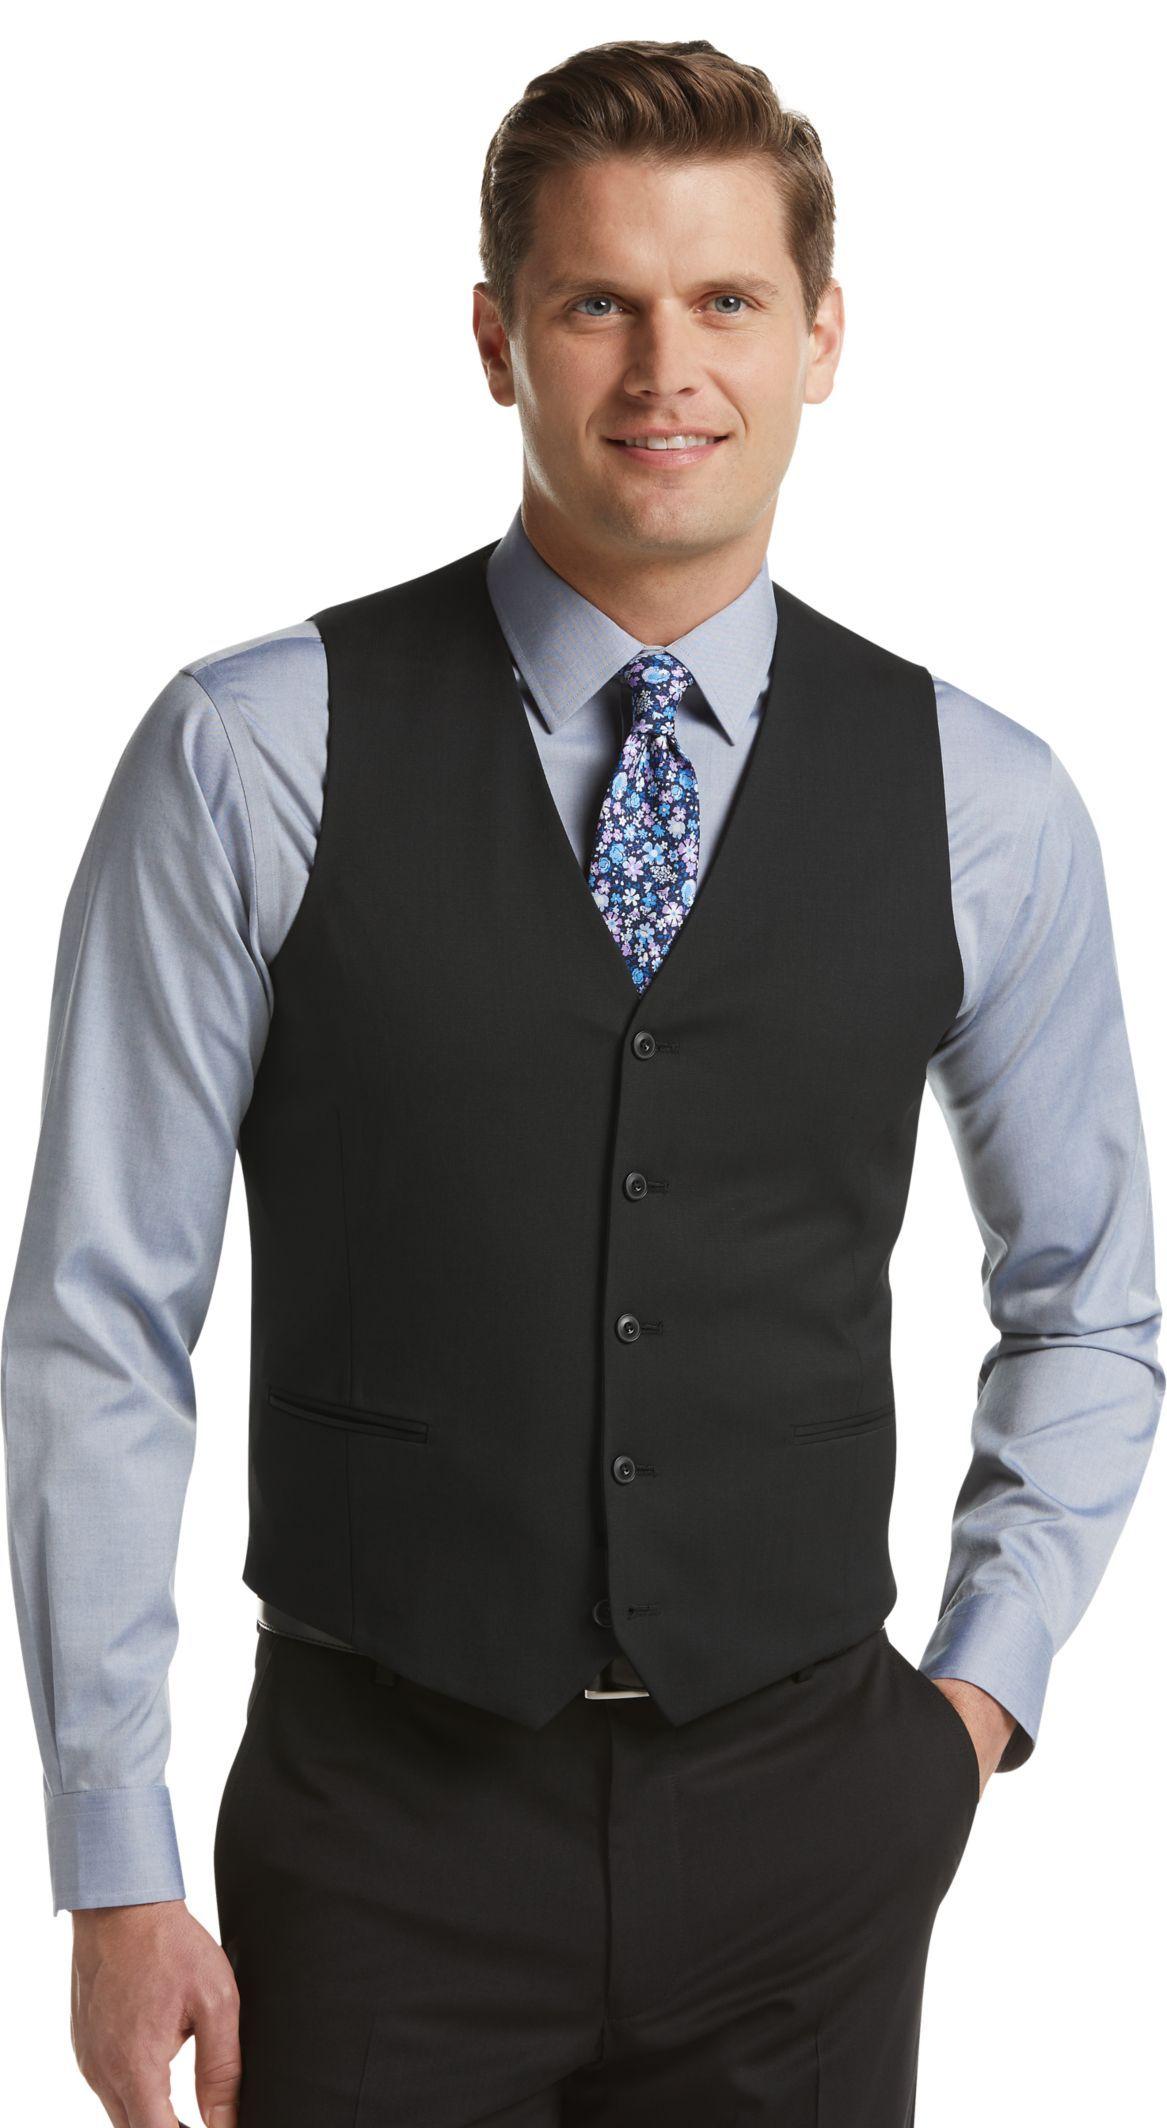 1905 Collection Slim Fit Suit Separate Vest Clearance All Clearance Jos A Bank In 2021 Slim Fit Suit Black Dress Pants Men Fitted Suit [ 2128 x 1167 Pixel ]